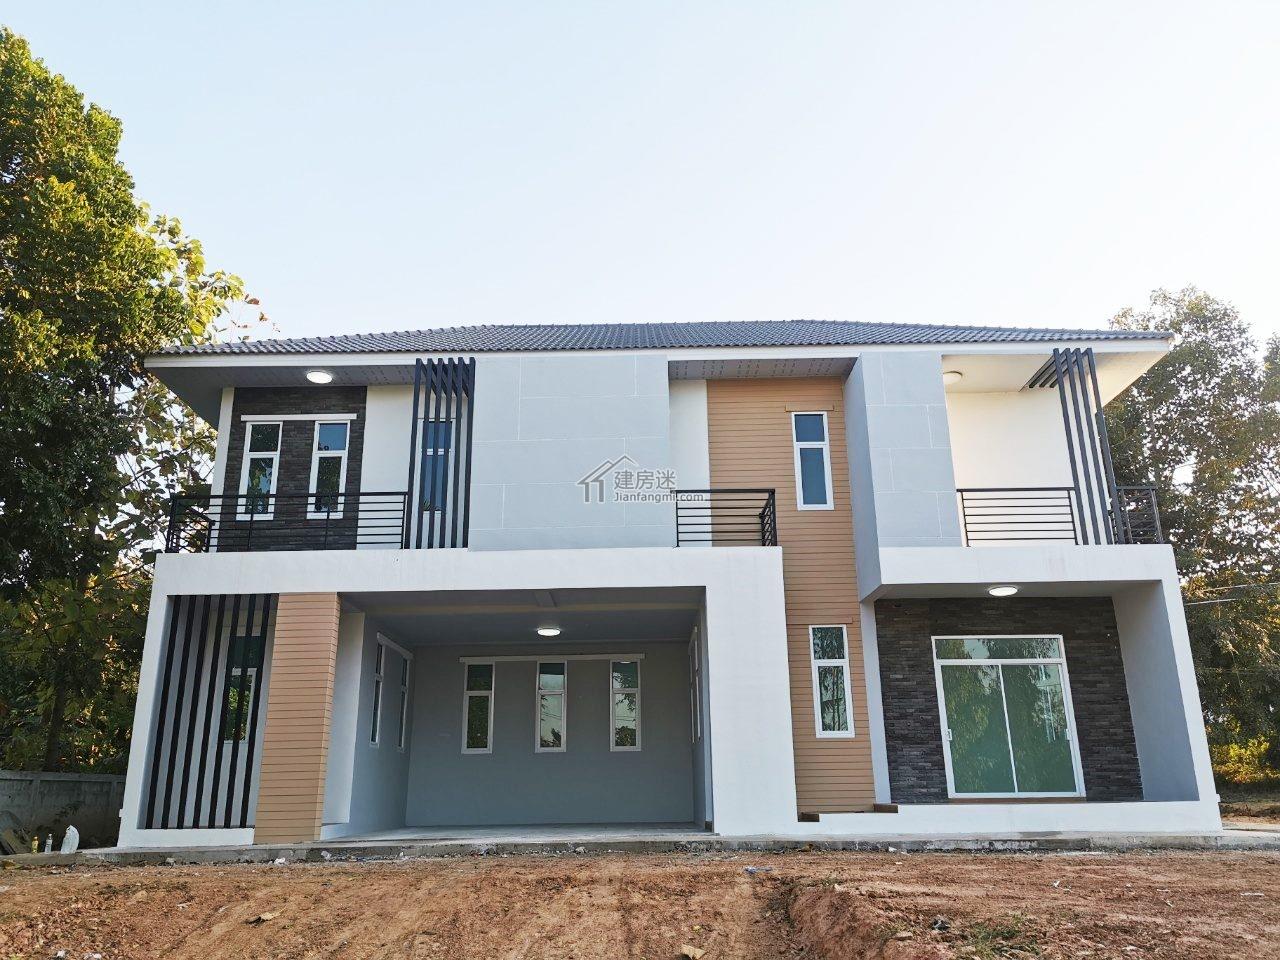 建房迷农村自建房15X10米东南亚风格两层现代风格亚博体育苹果下载中心设计图